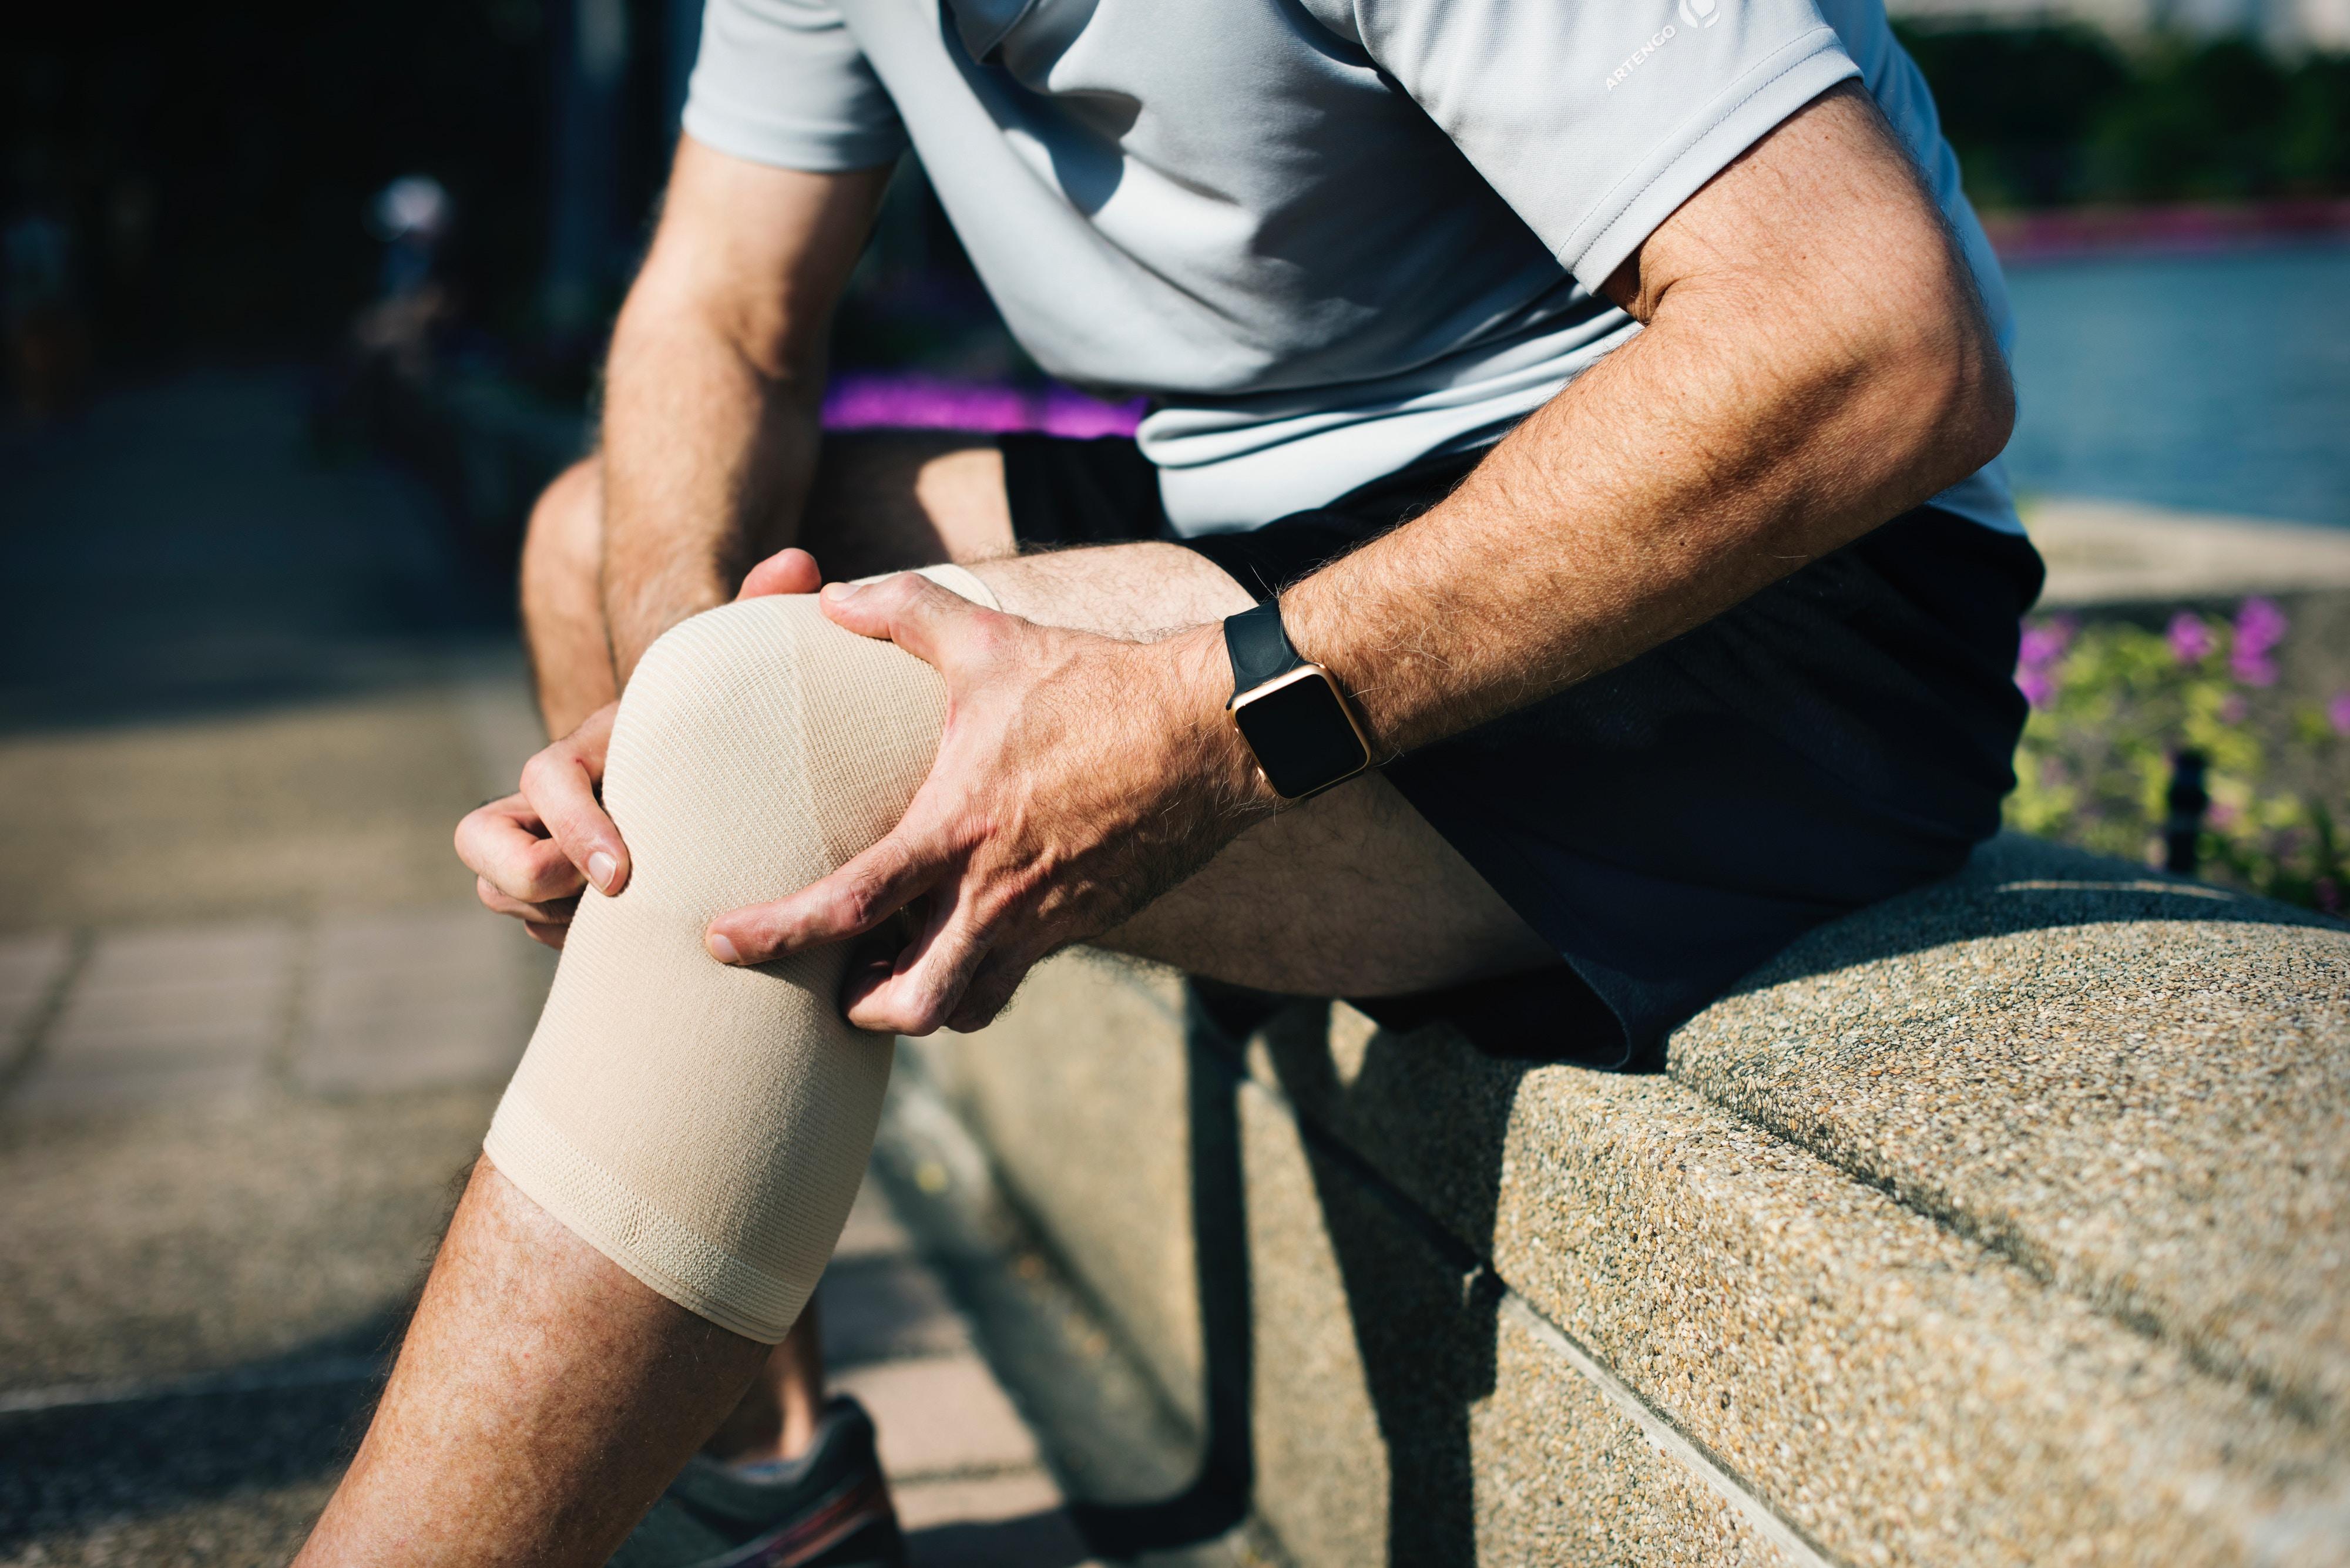 La douleur : faut-il continuer à bouger ?